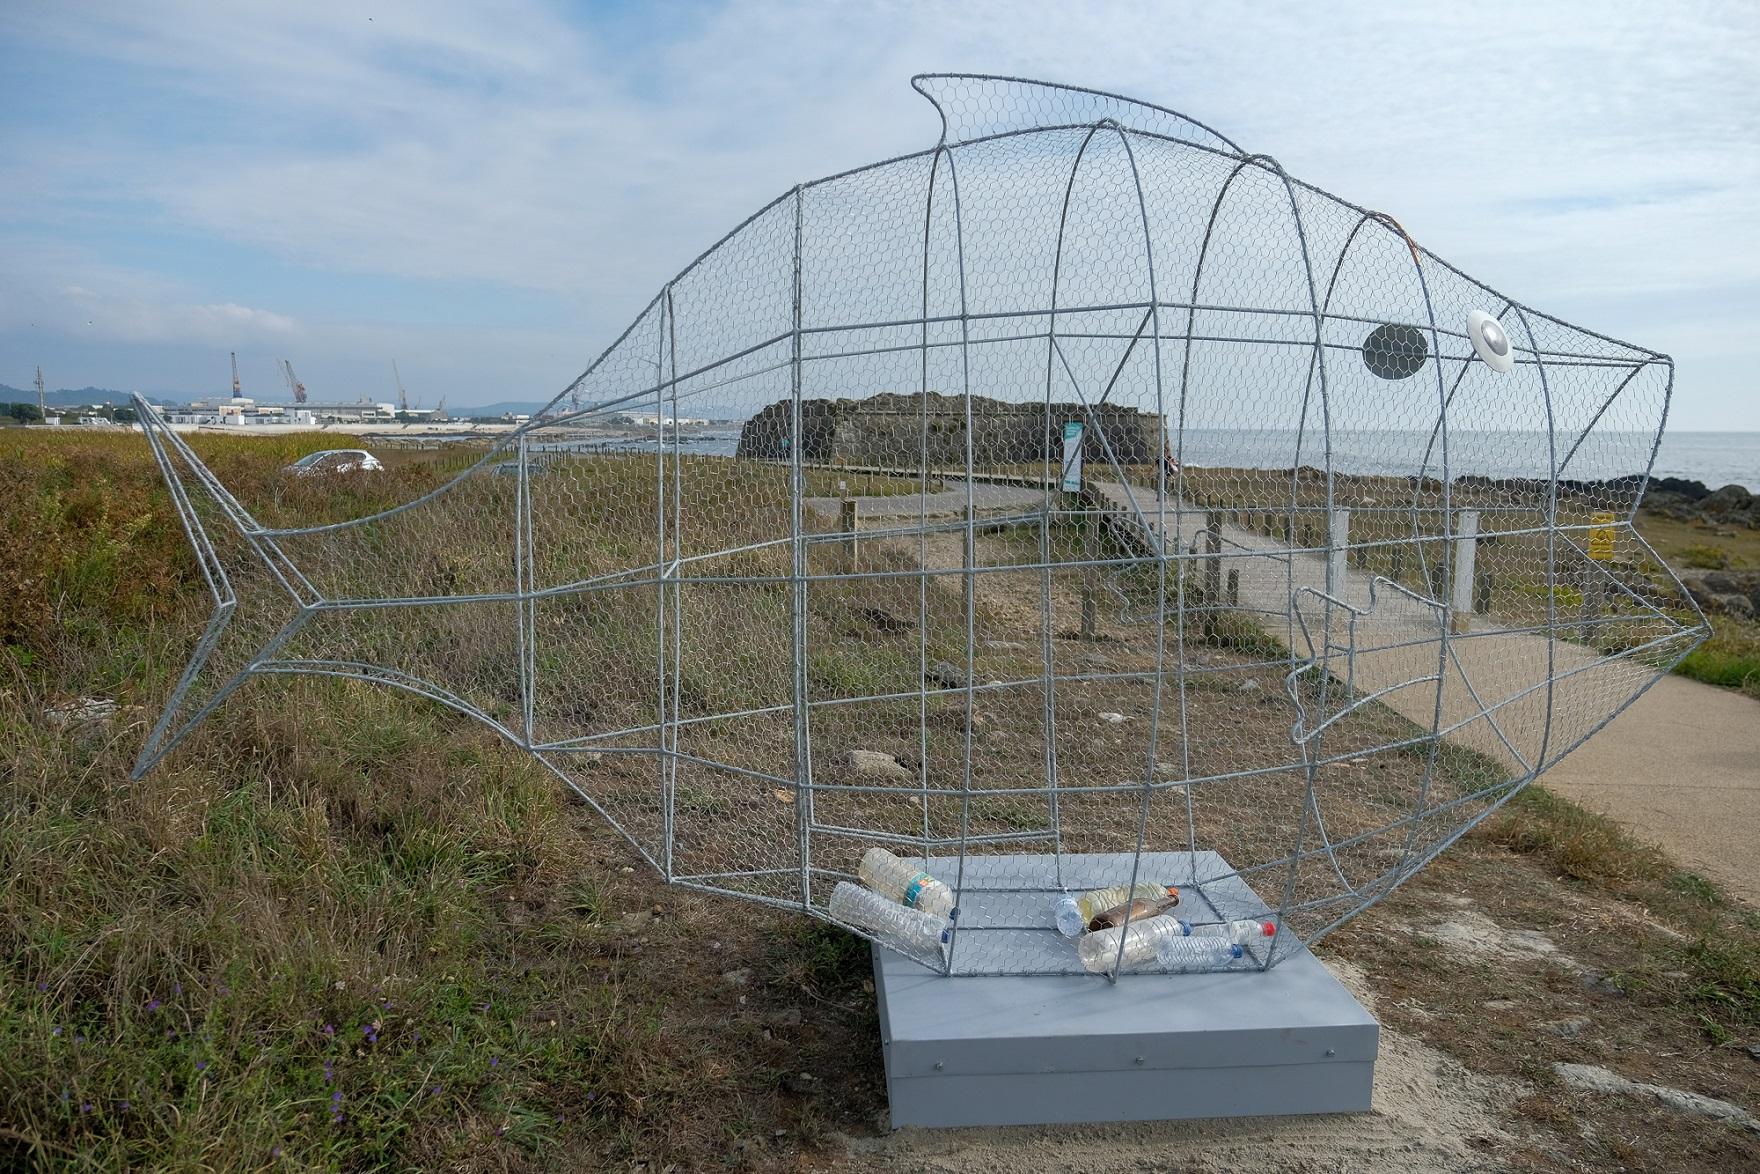 Viana do Castelo instala estruturas gigantes em formato de peixe para promover valorização de resíduos